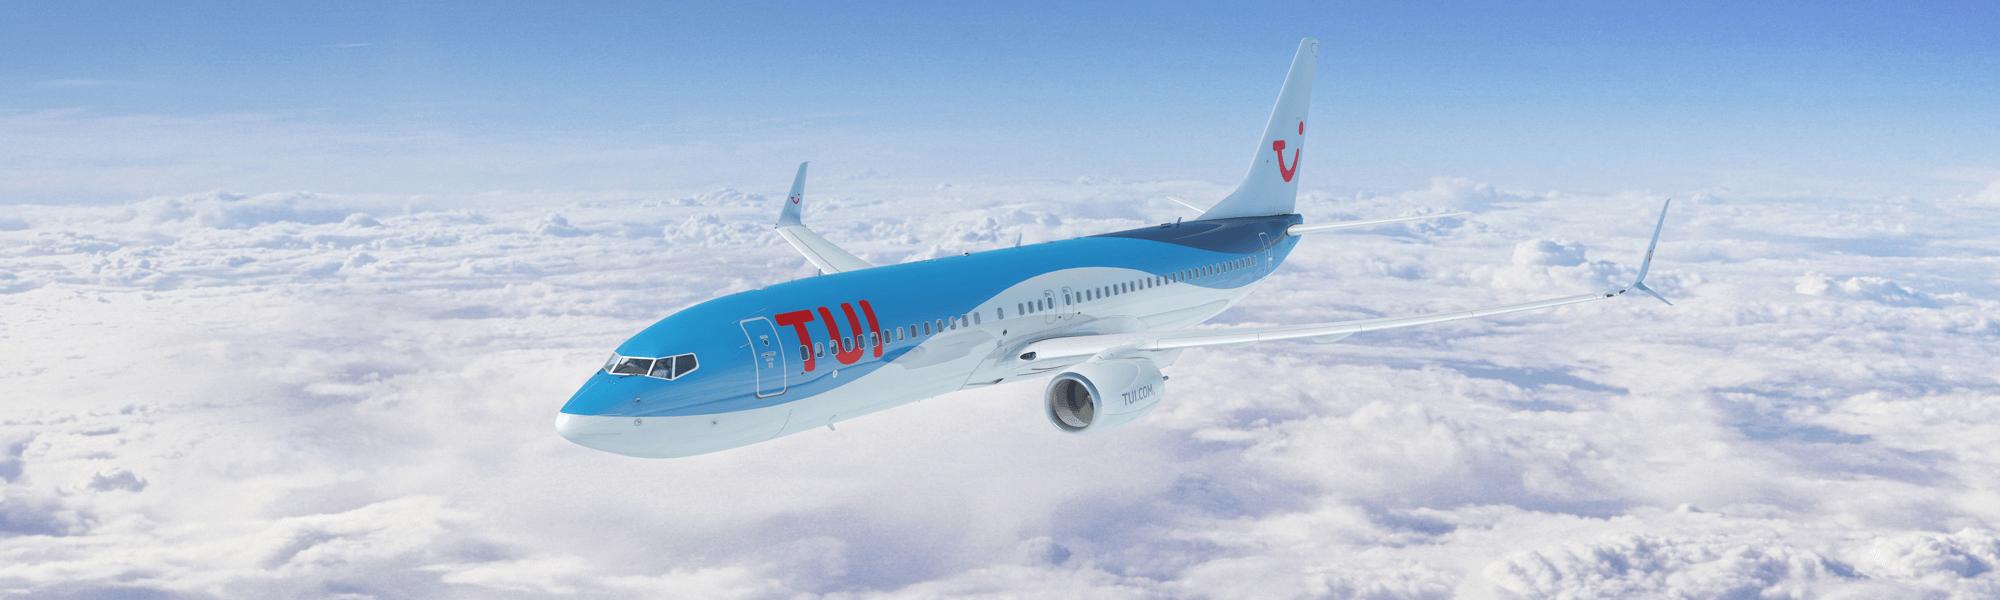 Ab jetzt den Winterurlaub 2019/2020 bei TUI fly buchen